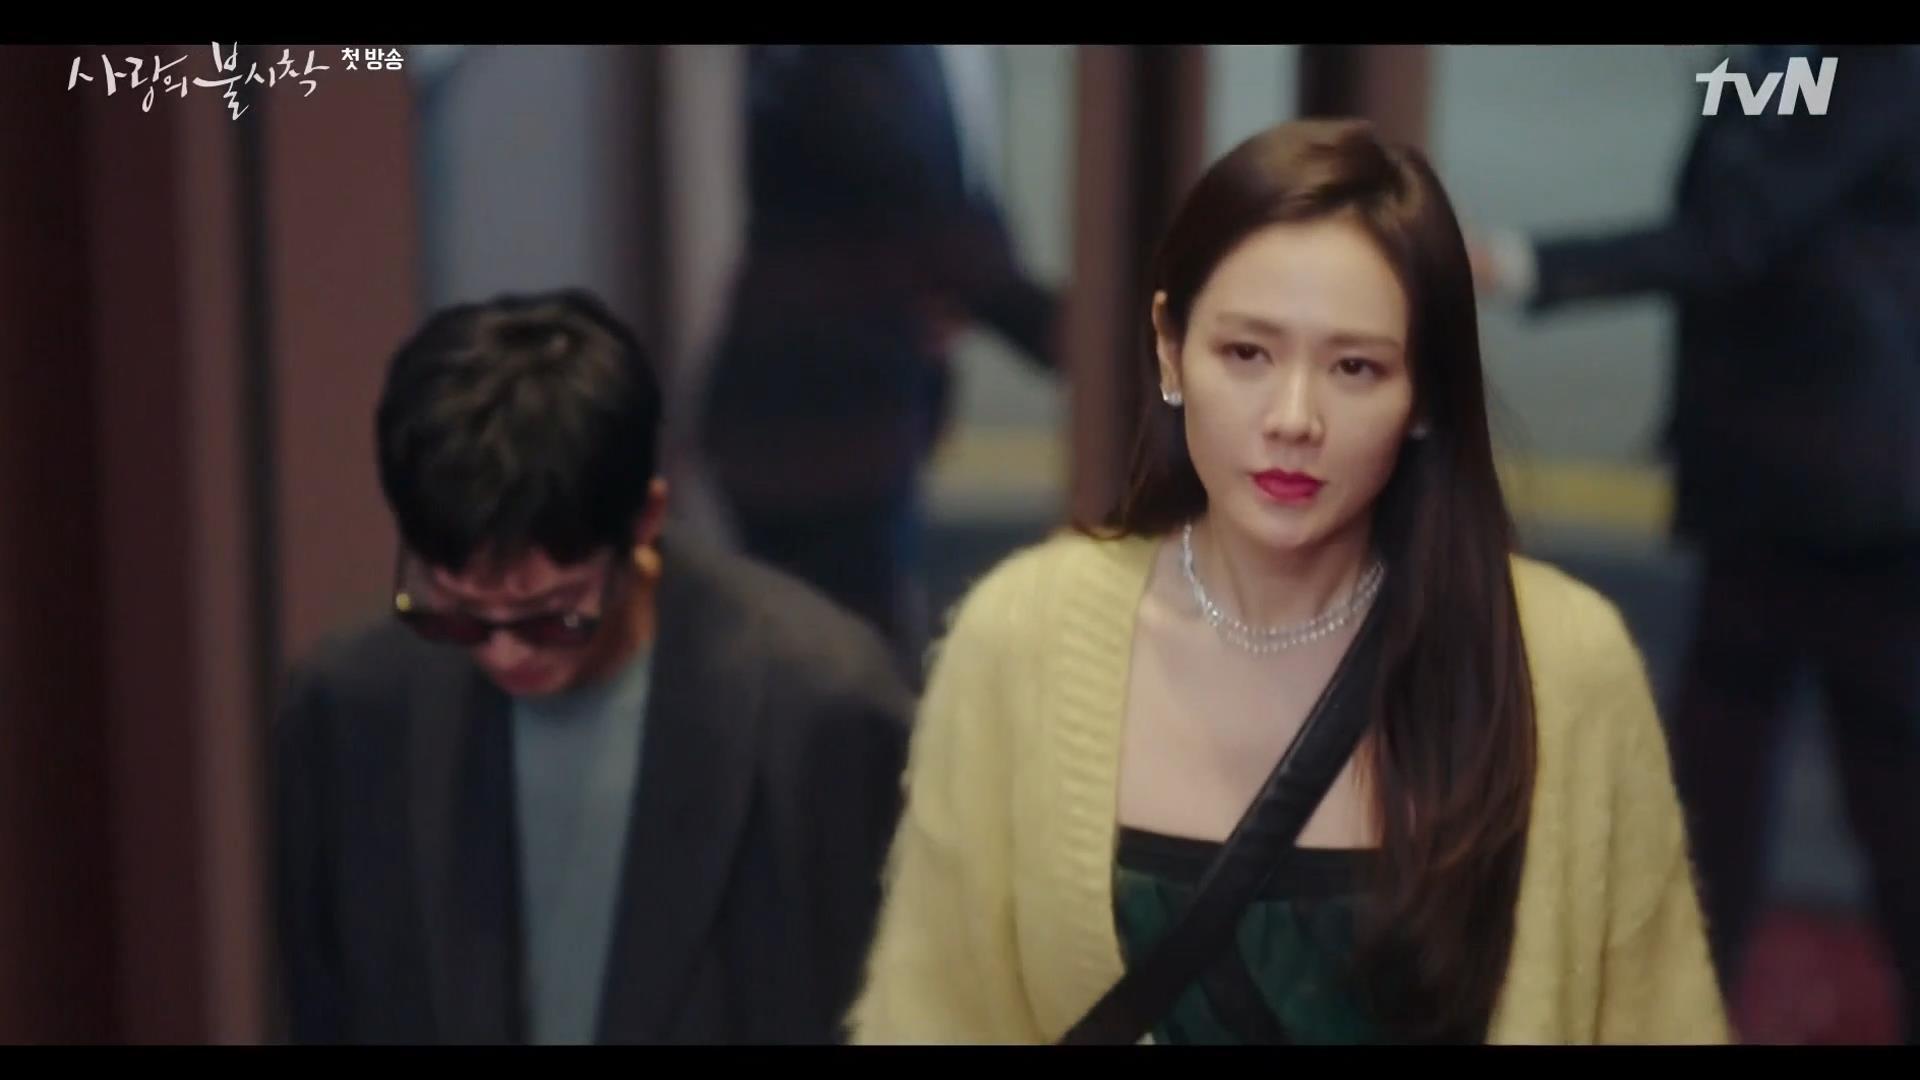 """Chị đẹp Son Ye Jin U40 vẫn trẻ như gái 18 nhờ 3 kiểu tóc siêu nữ tính trong """"Hạ cánh nơi anh"""" - Ảnh 5."""